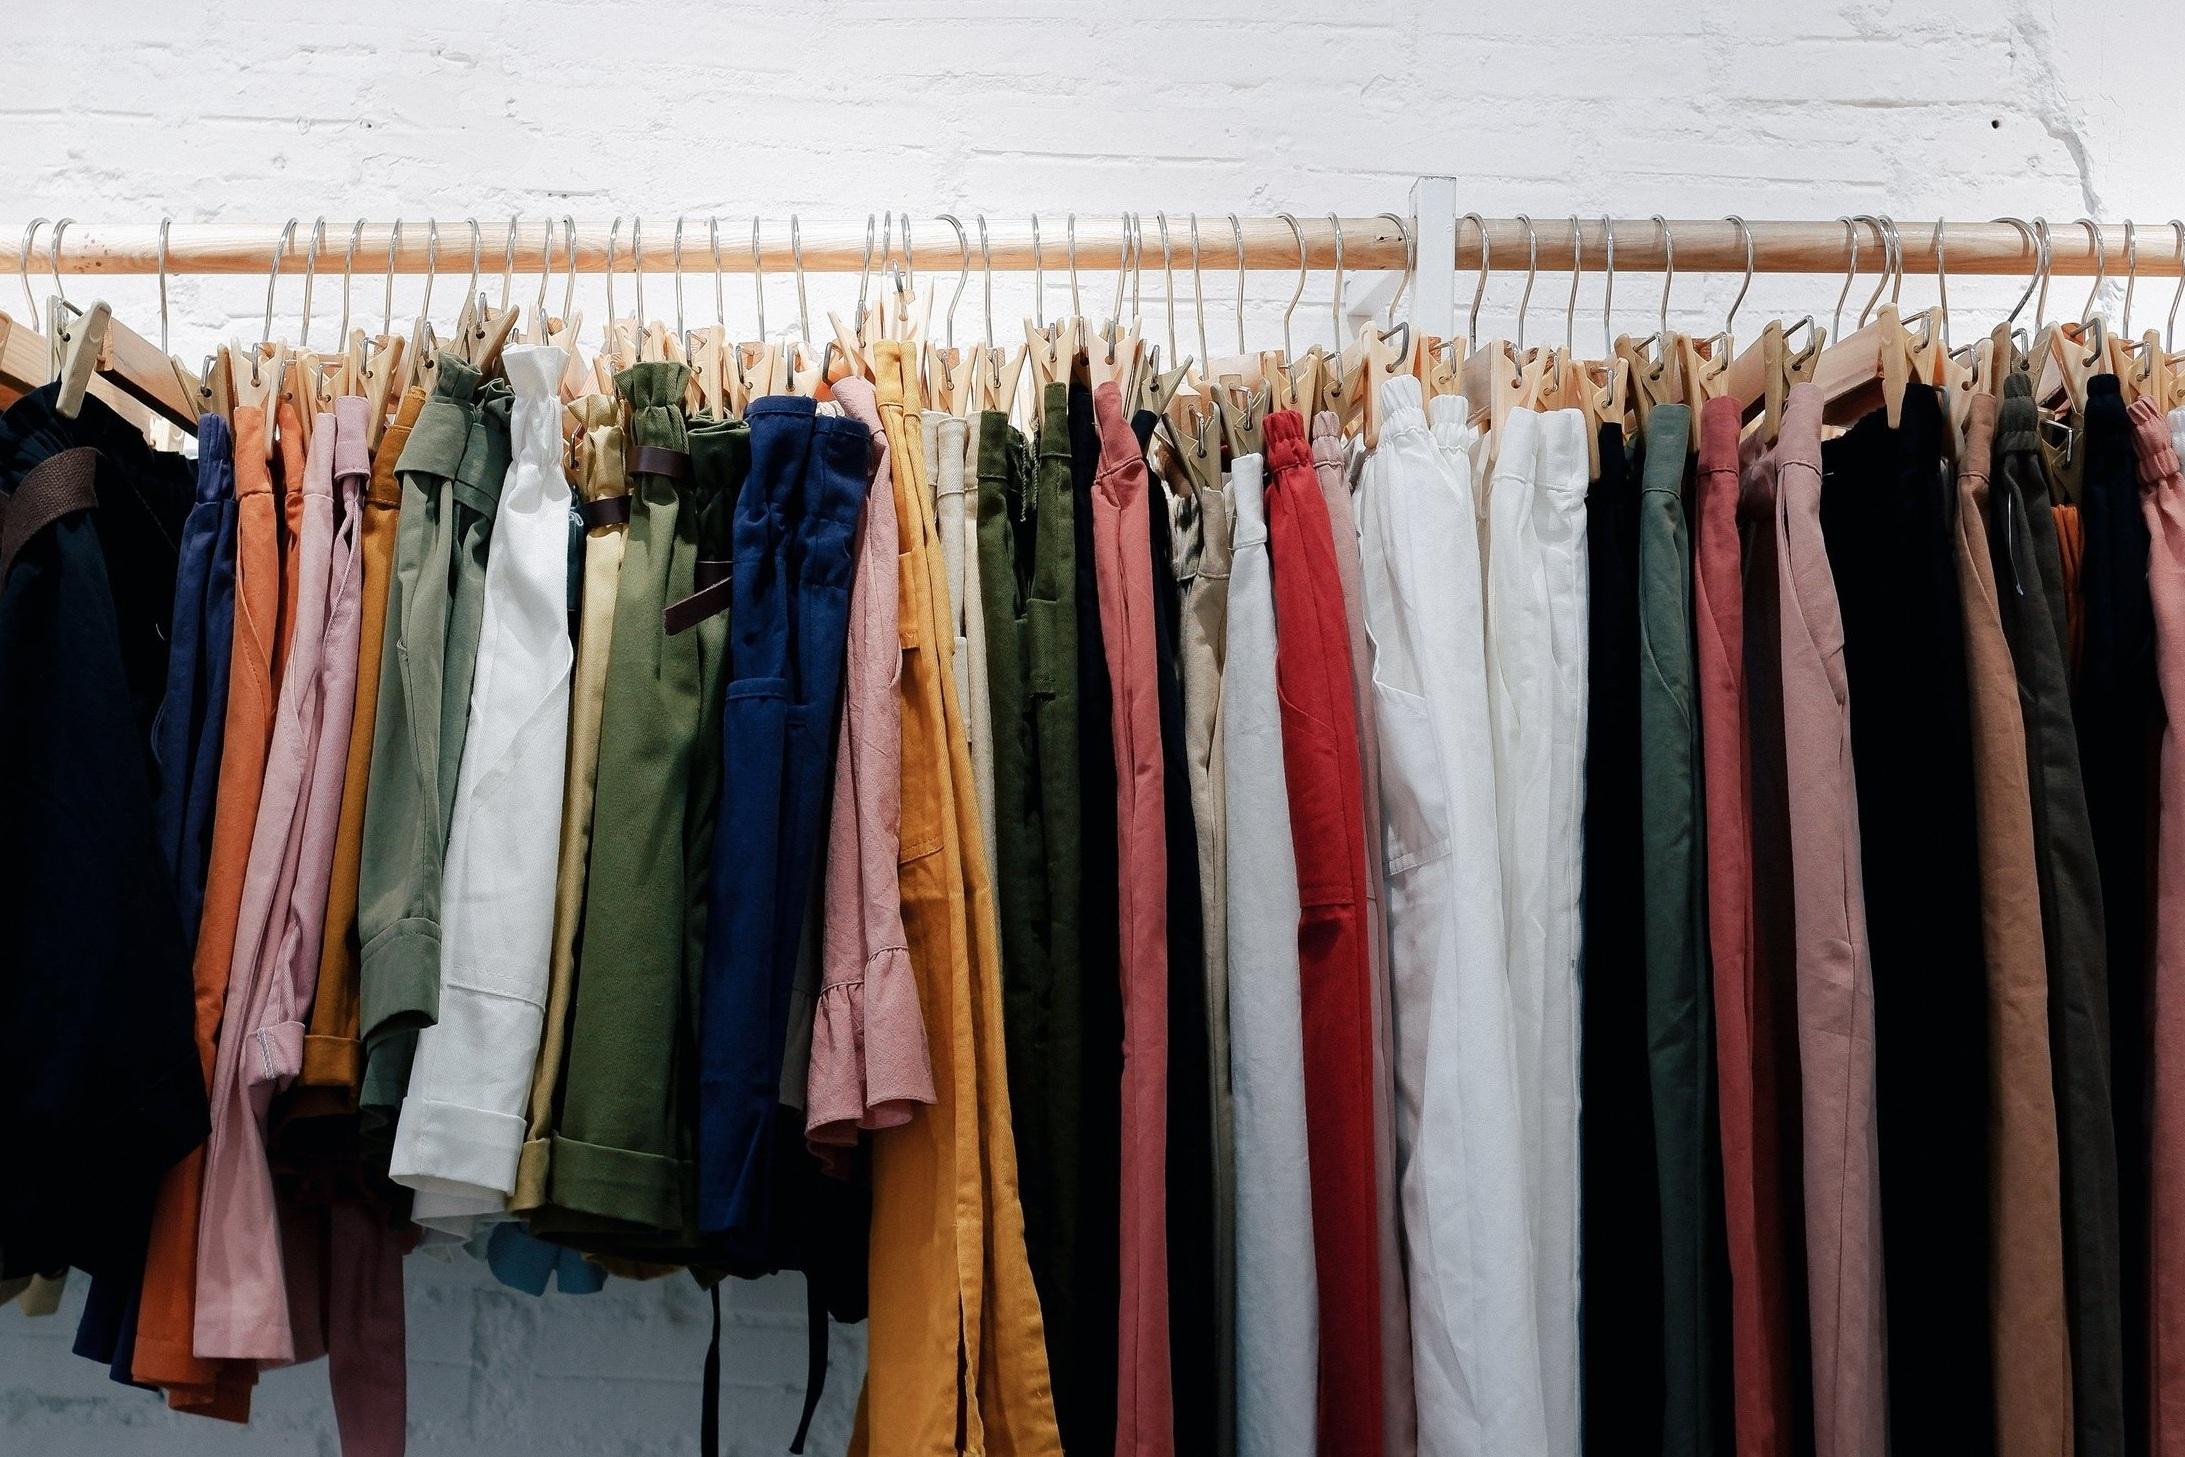 Founder / Organizer - Mega Clothing Swap